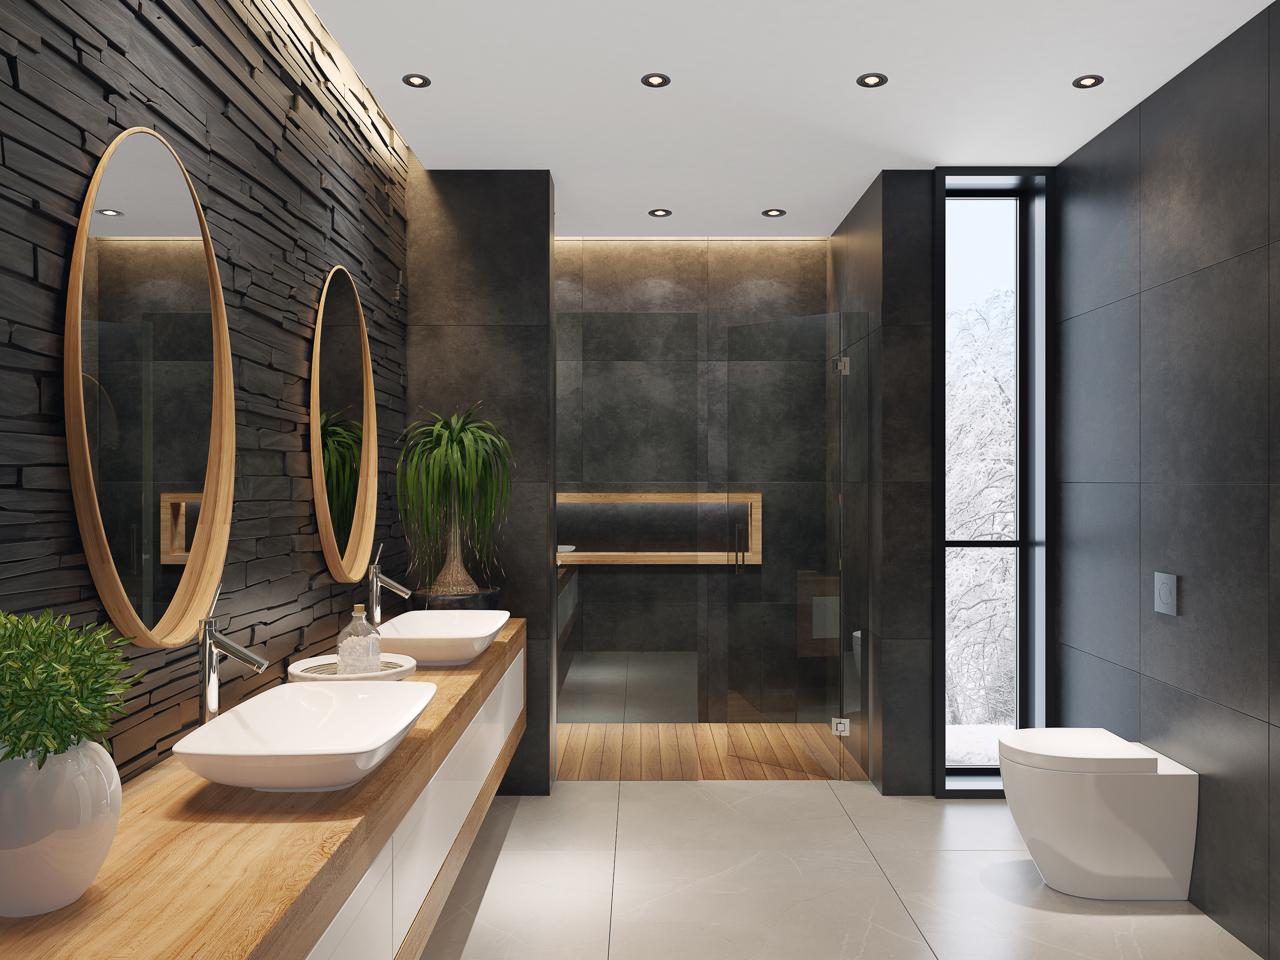 Spanndecke Badezimmer